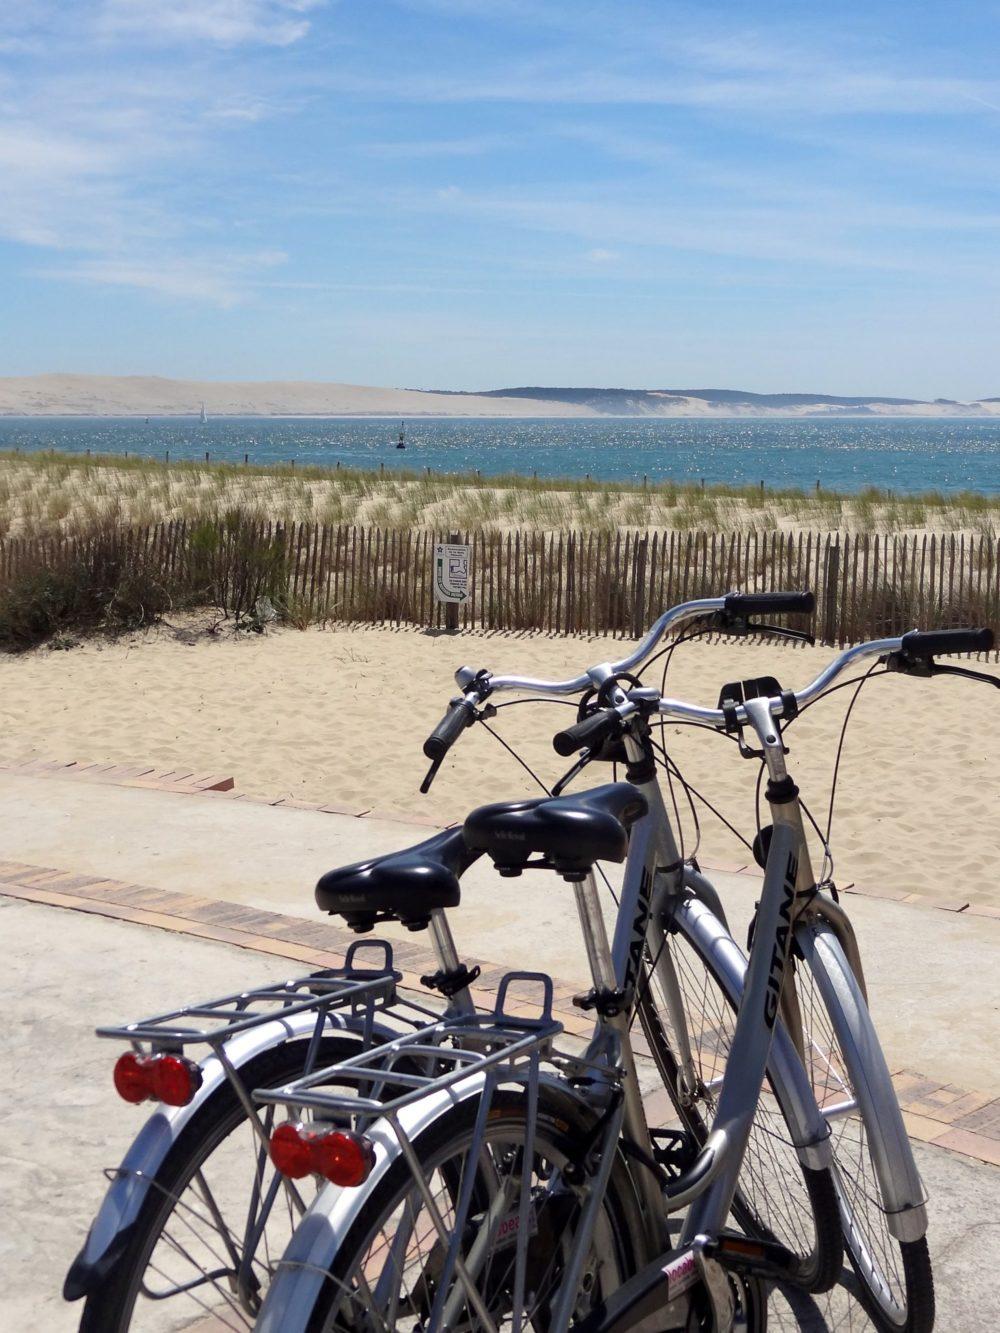 Balade à vélo à la Pointe du Cap Ferret